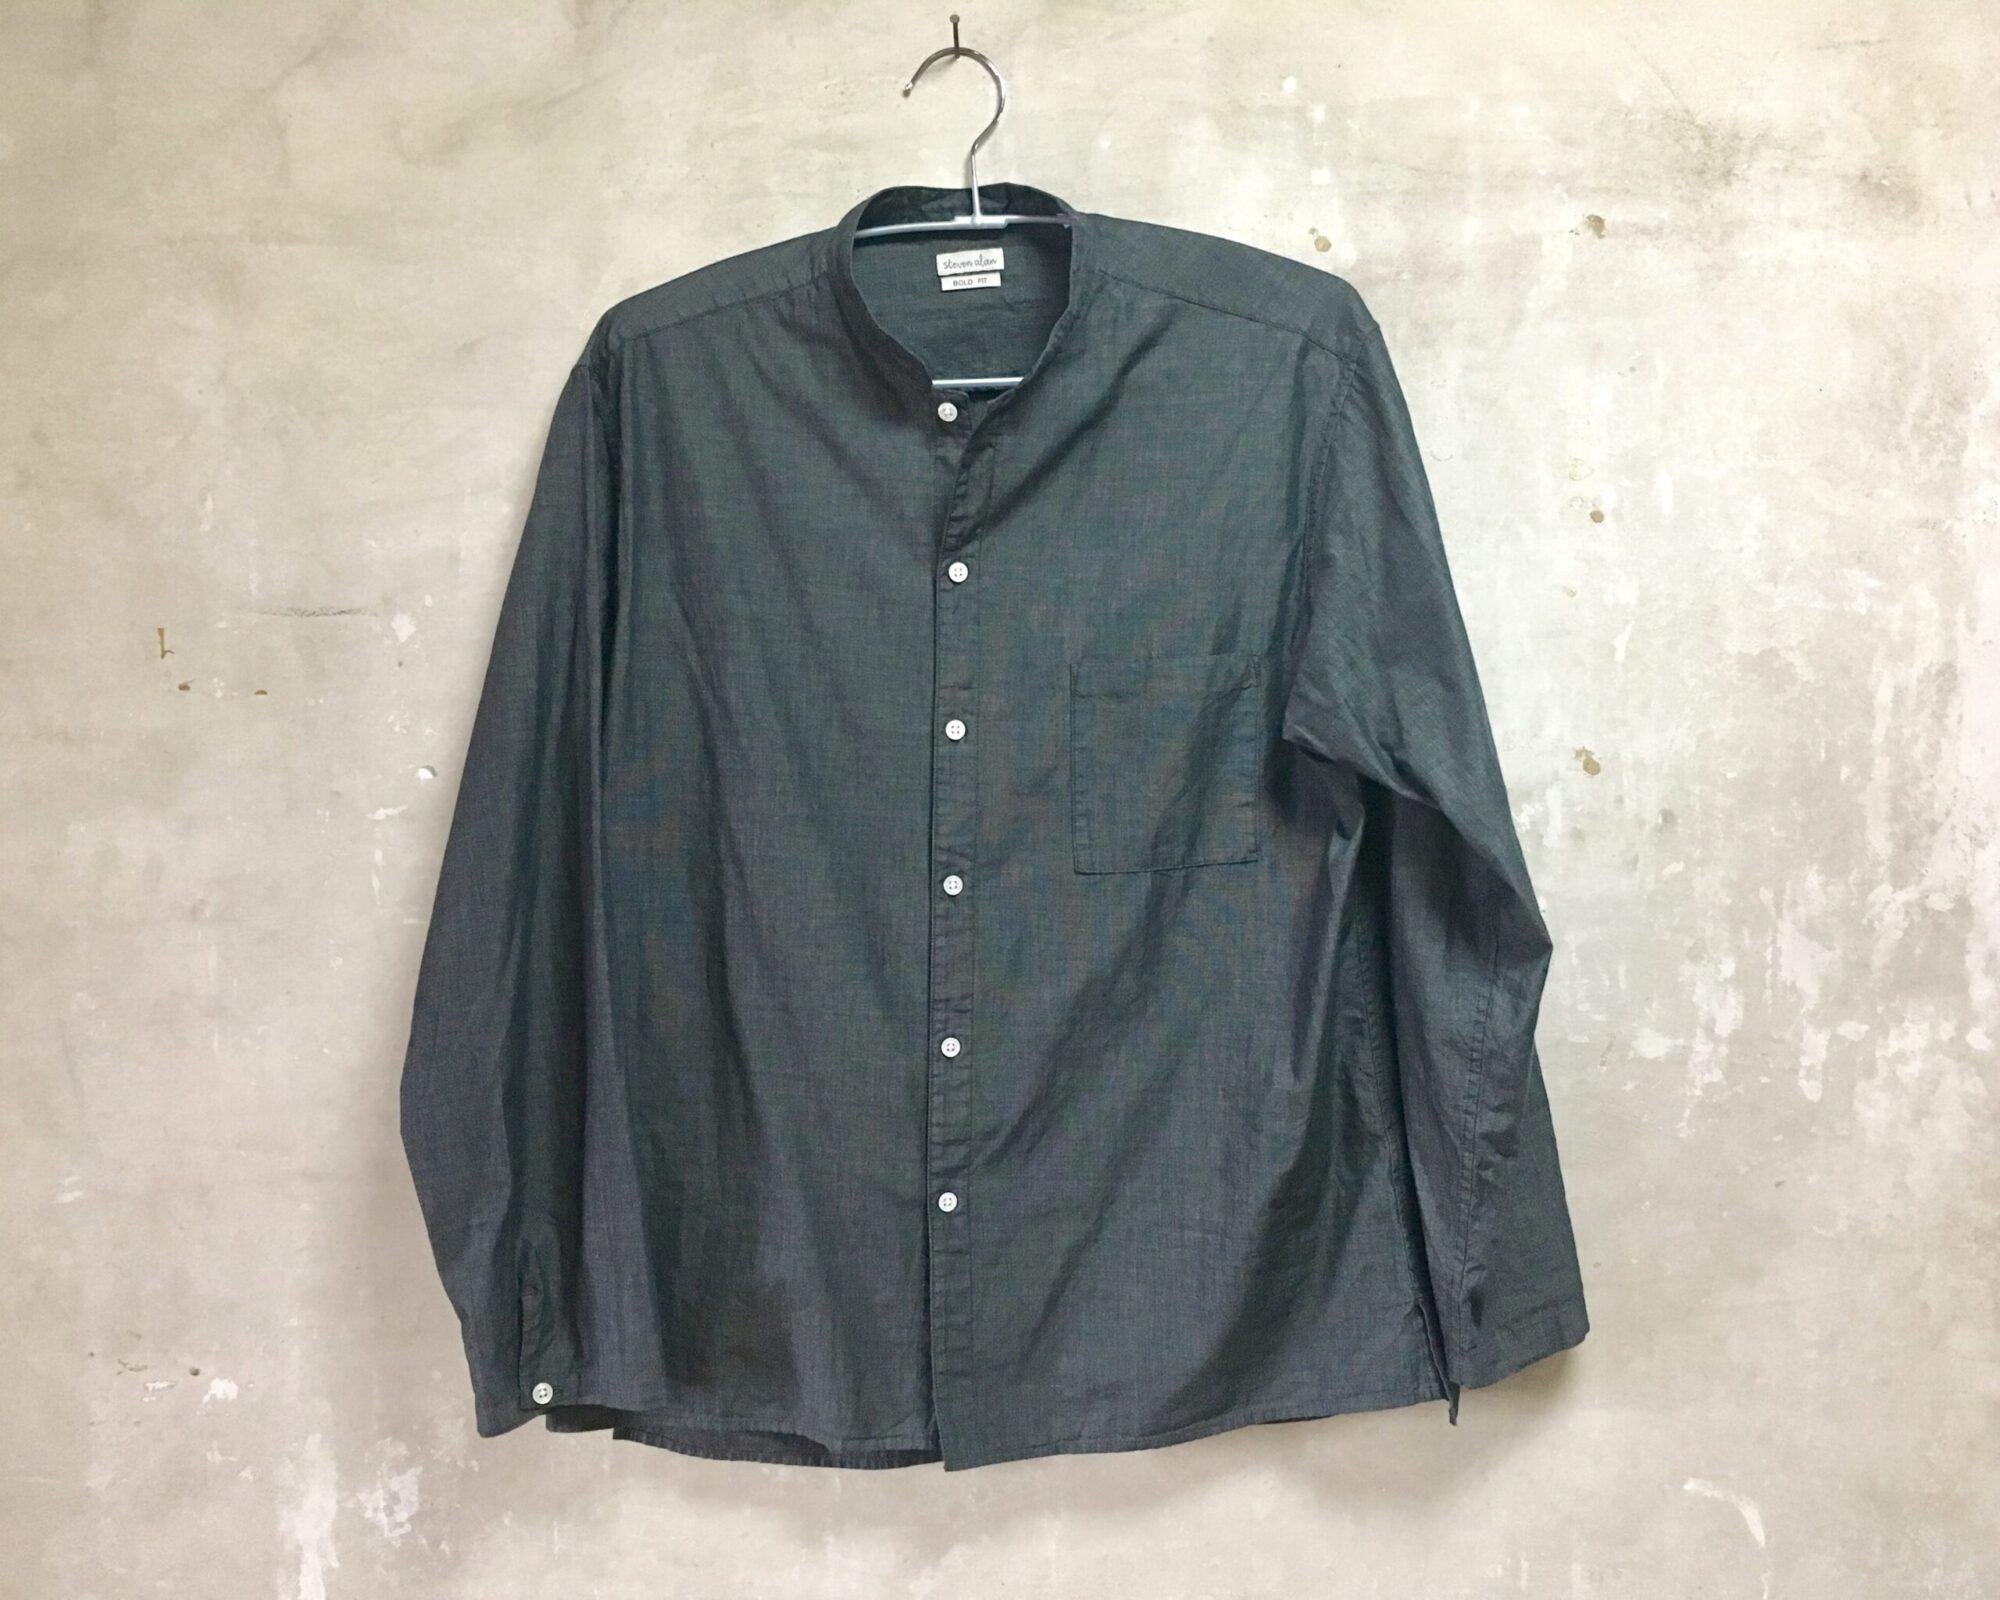 StevenAlan(スティーブンアラン)のコックシャツを紹介|コーデ例も